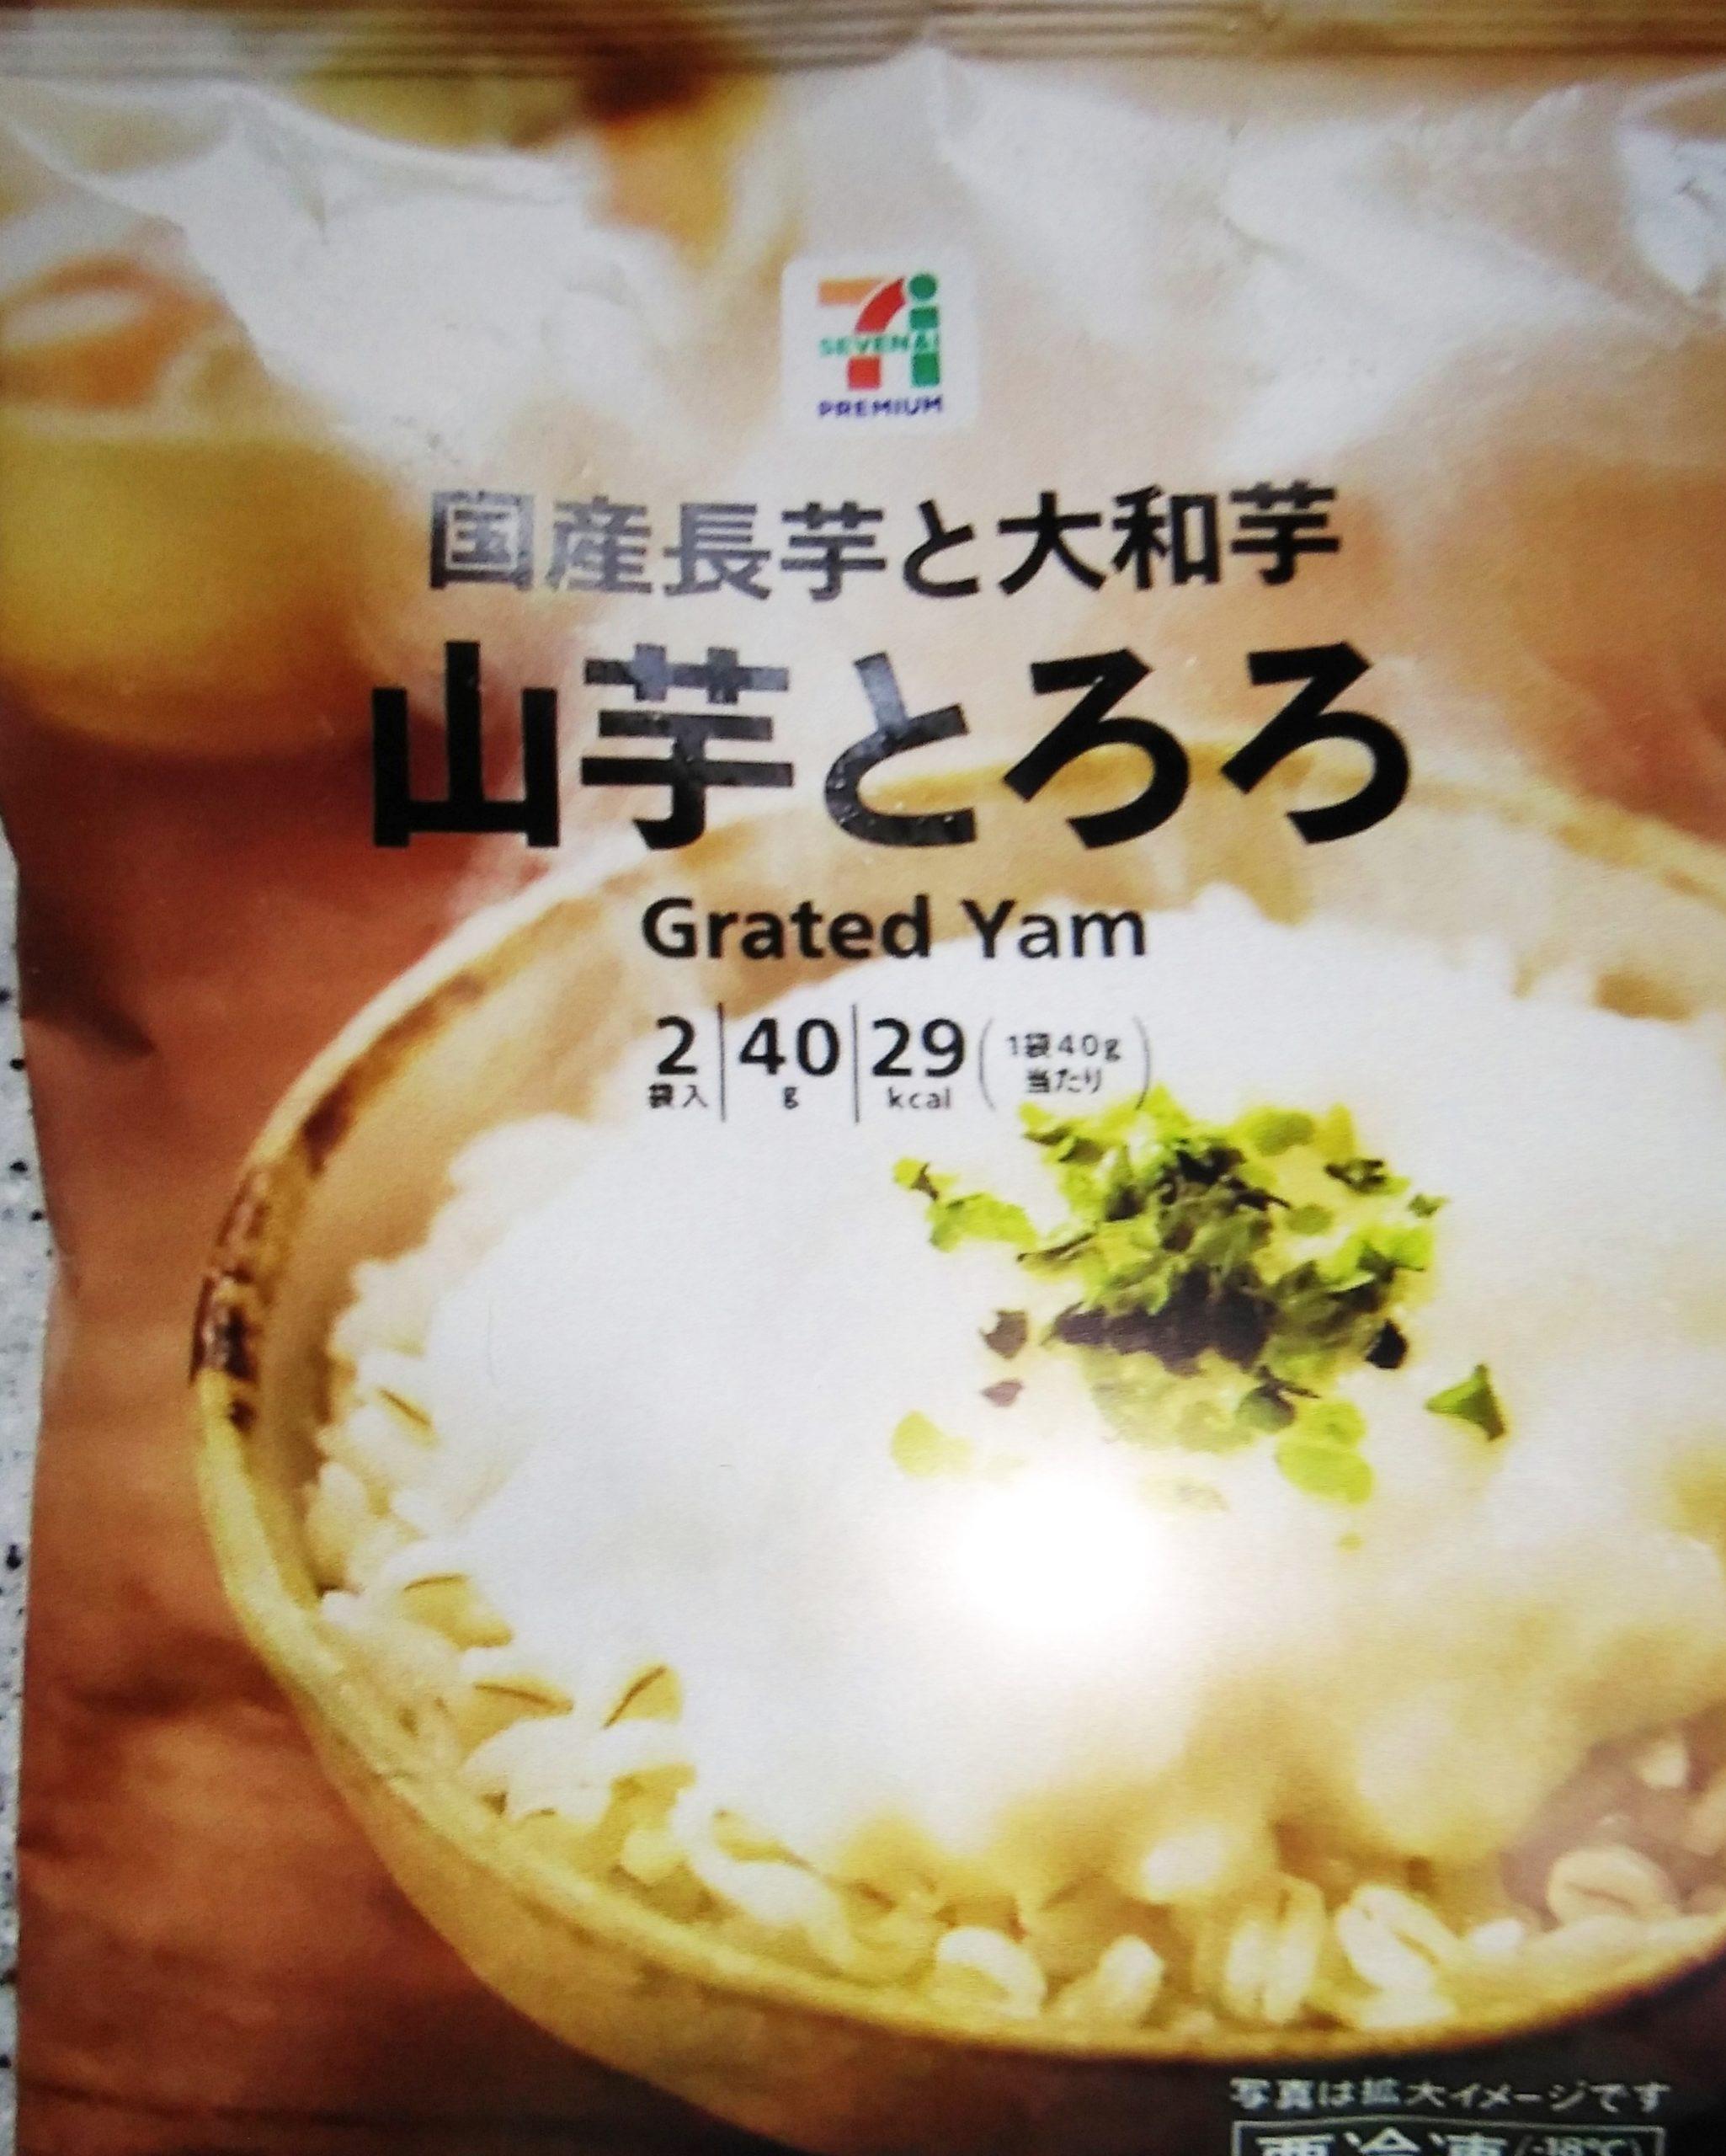 コンビニの野菜(カット野菜や冷凍野菜)が安い!おすすめの理由は?20